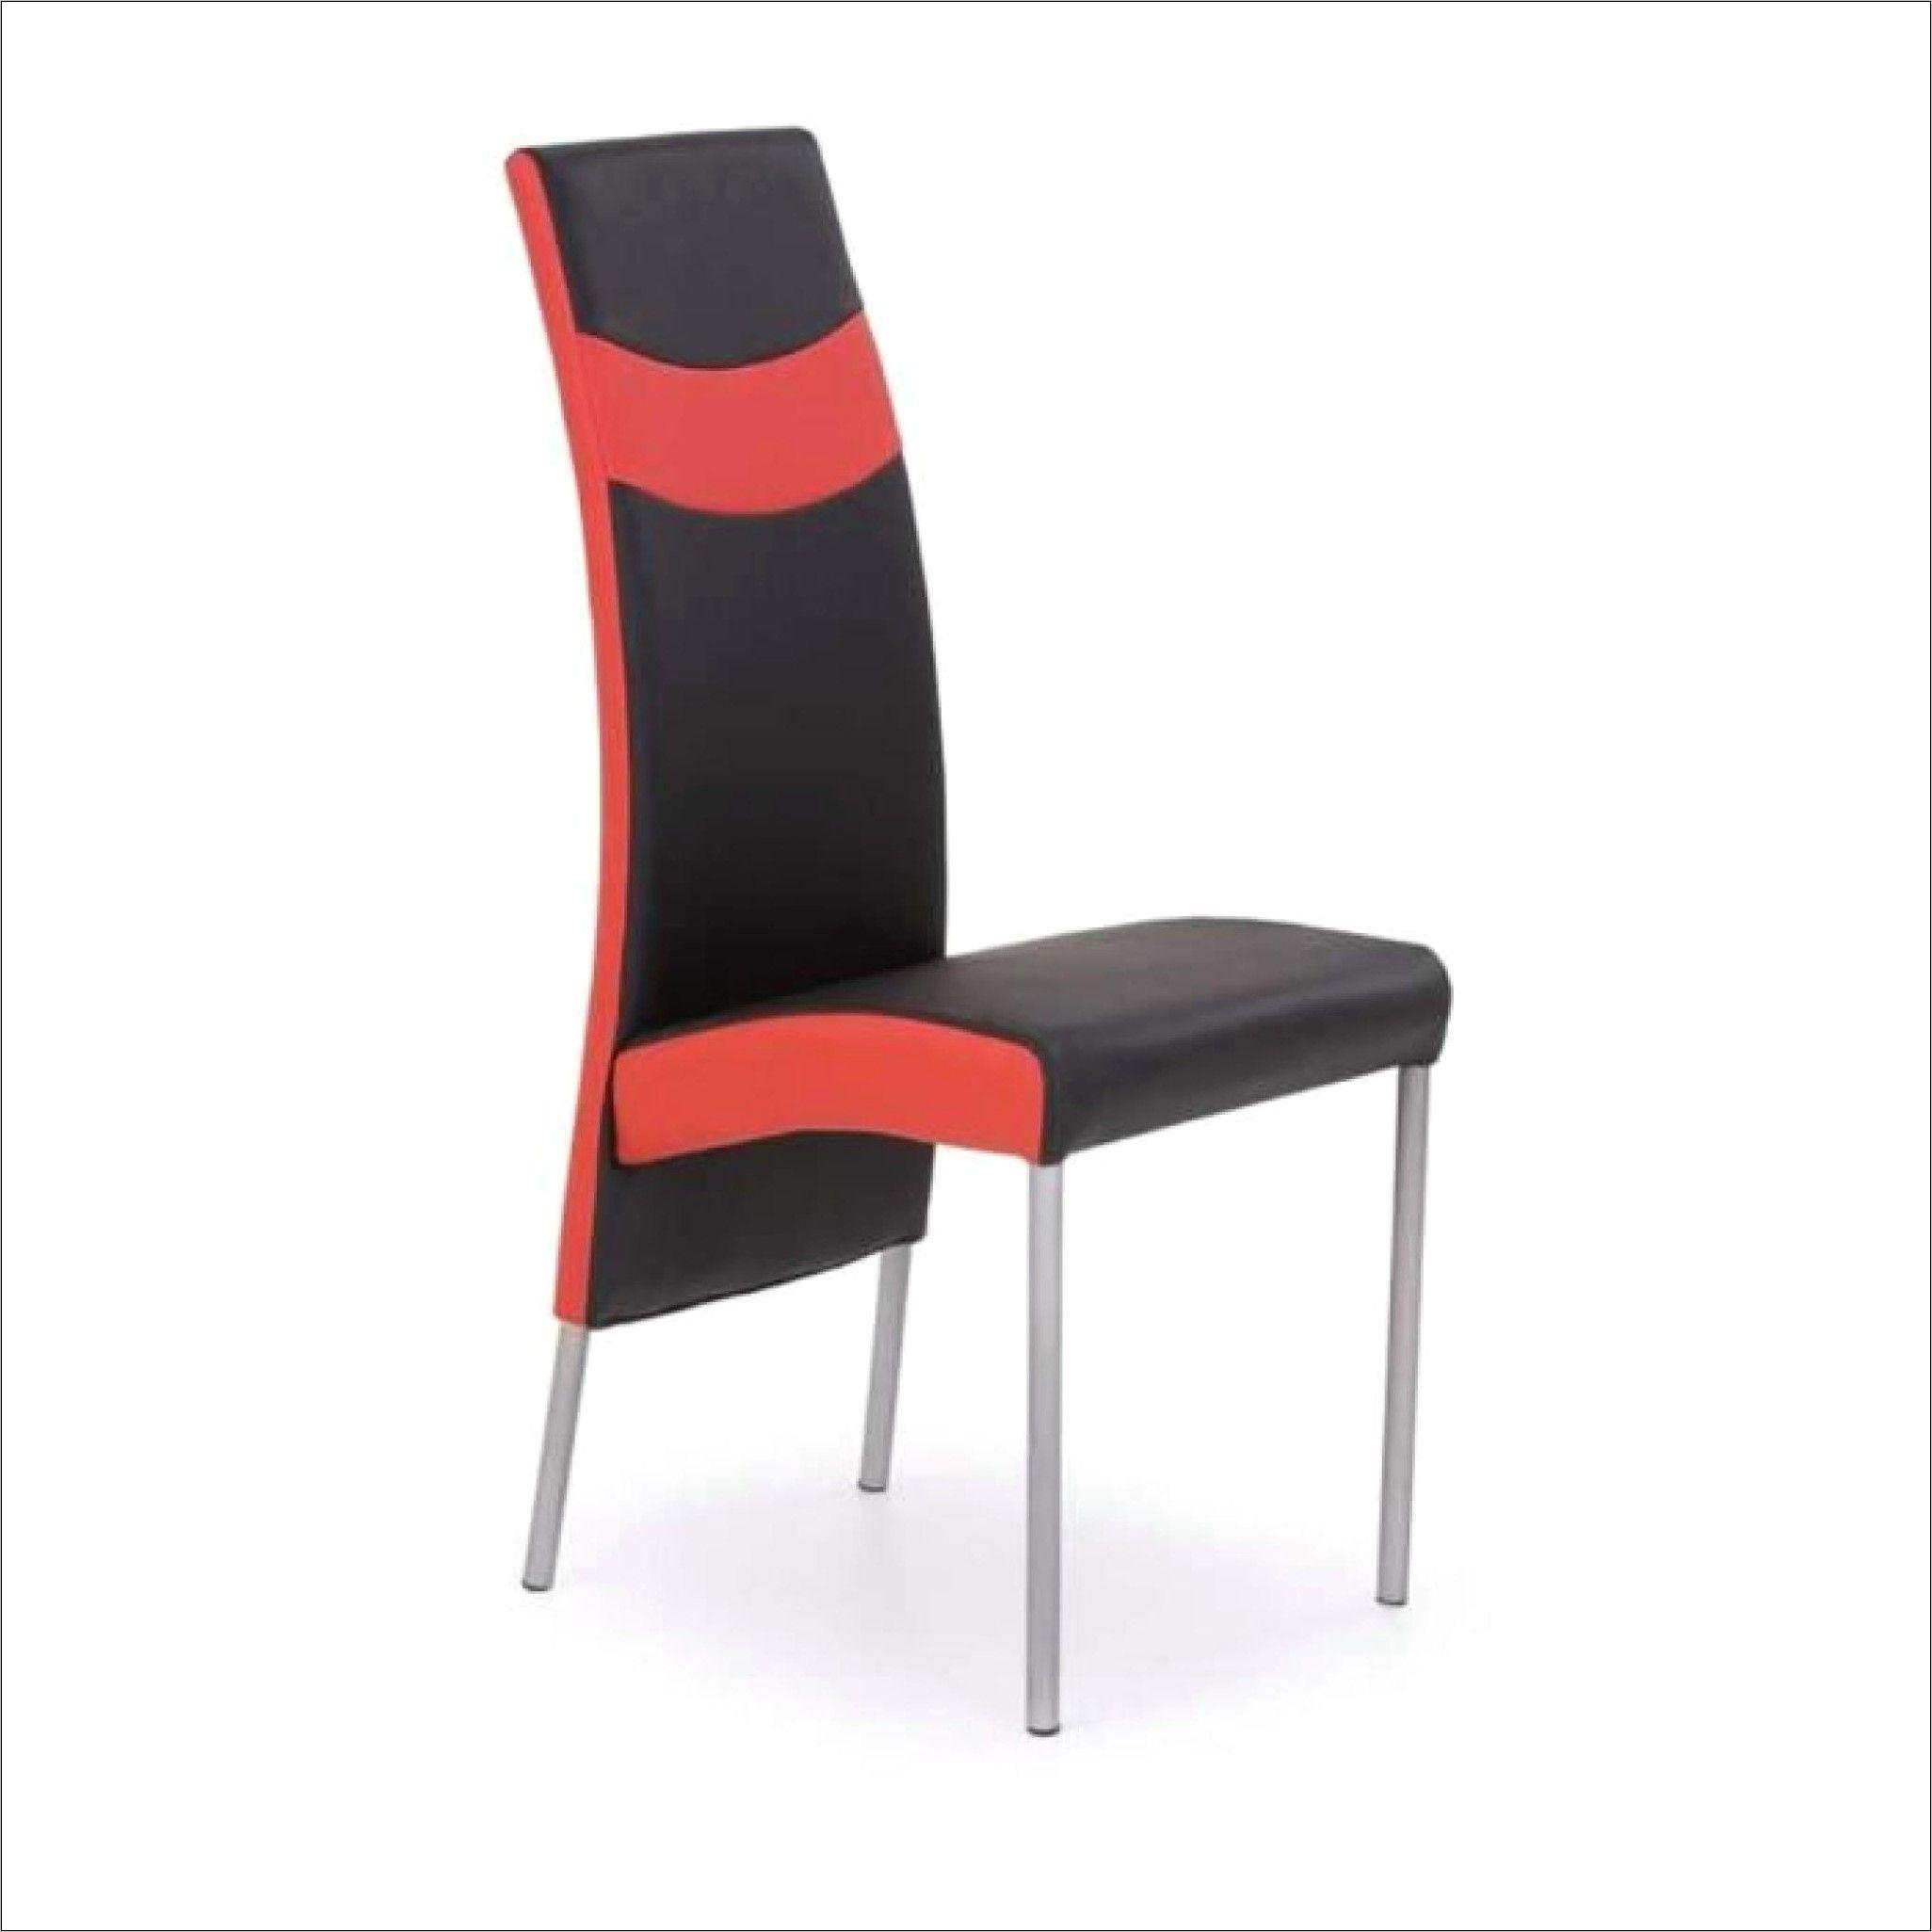 Salle A Manger H&h chaises de couleur pour salle a manger h&h (2020) | chaise